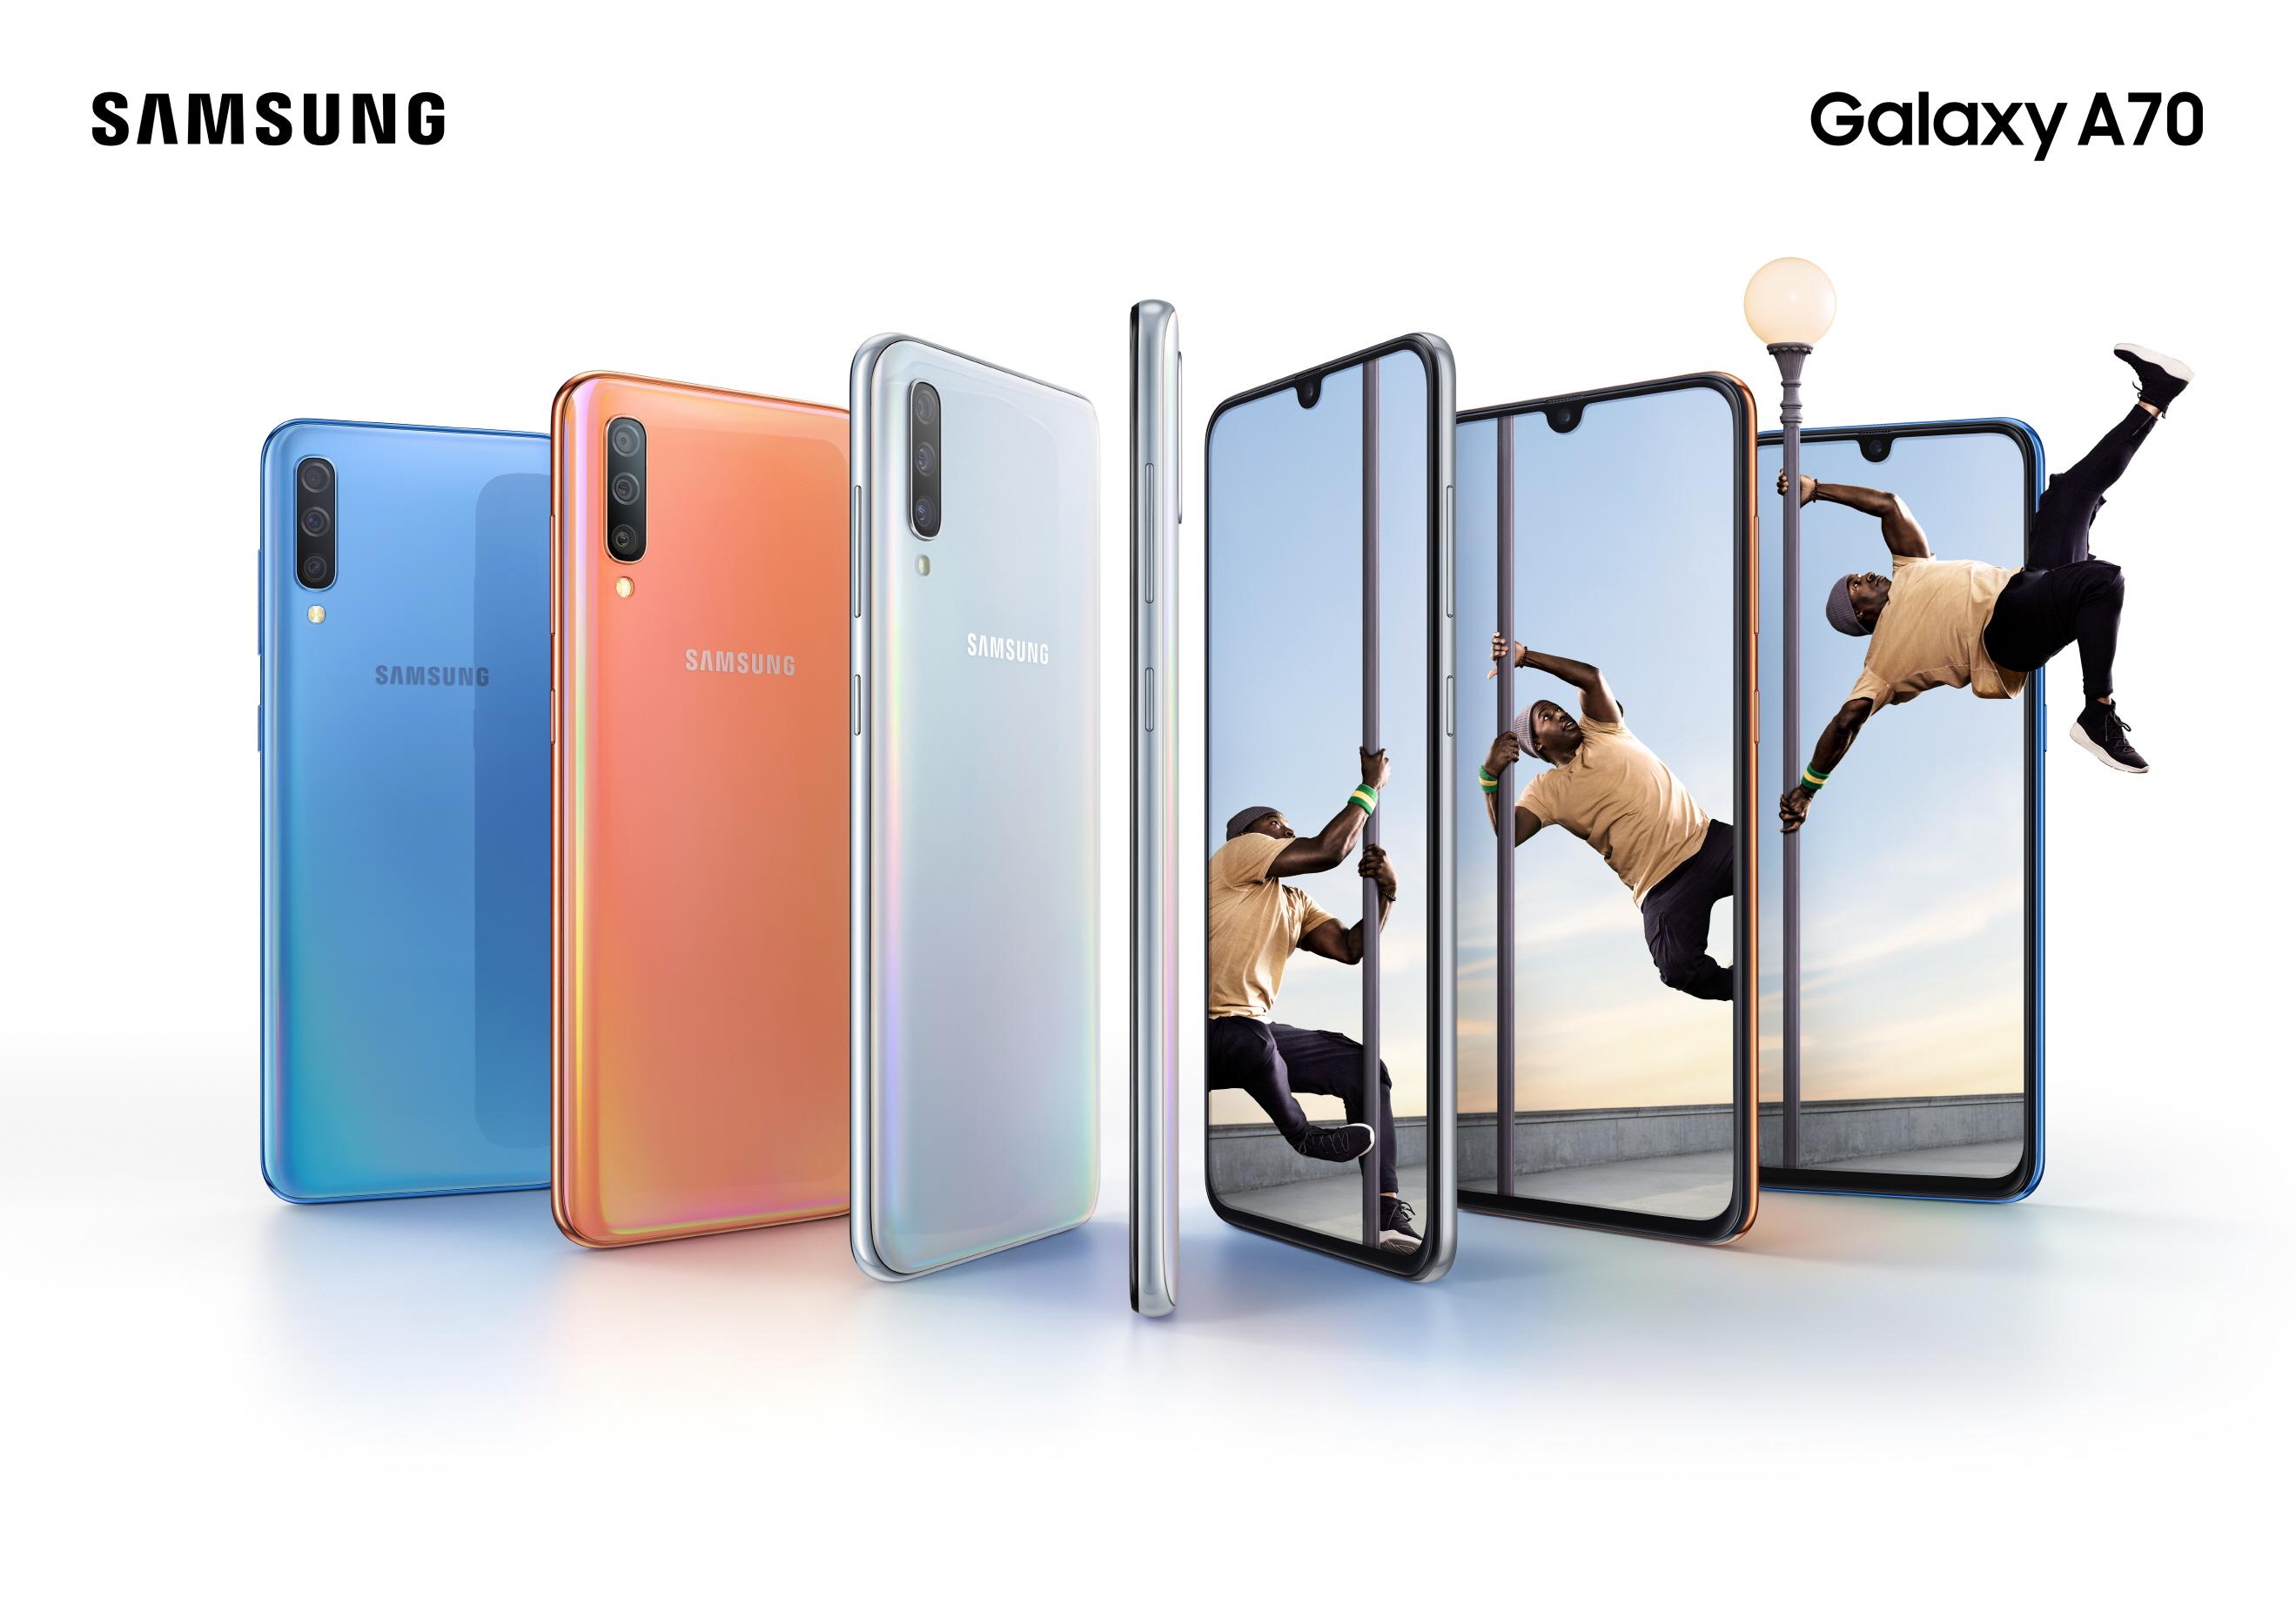 Samsung Galaxy A70 cena specyfikacja techniczna opinie premiera gdzie kupić najtaniej w Polsce Galaxy S10 Plus